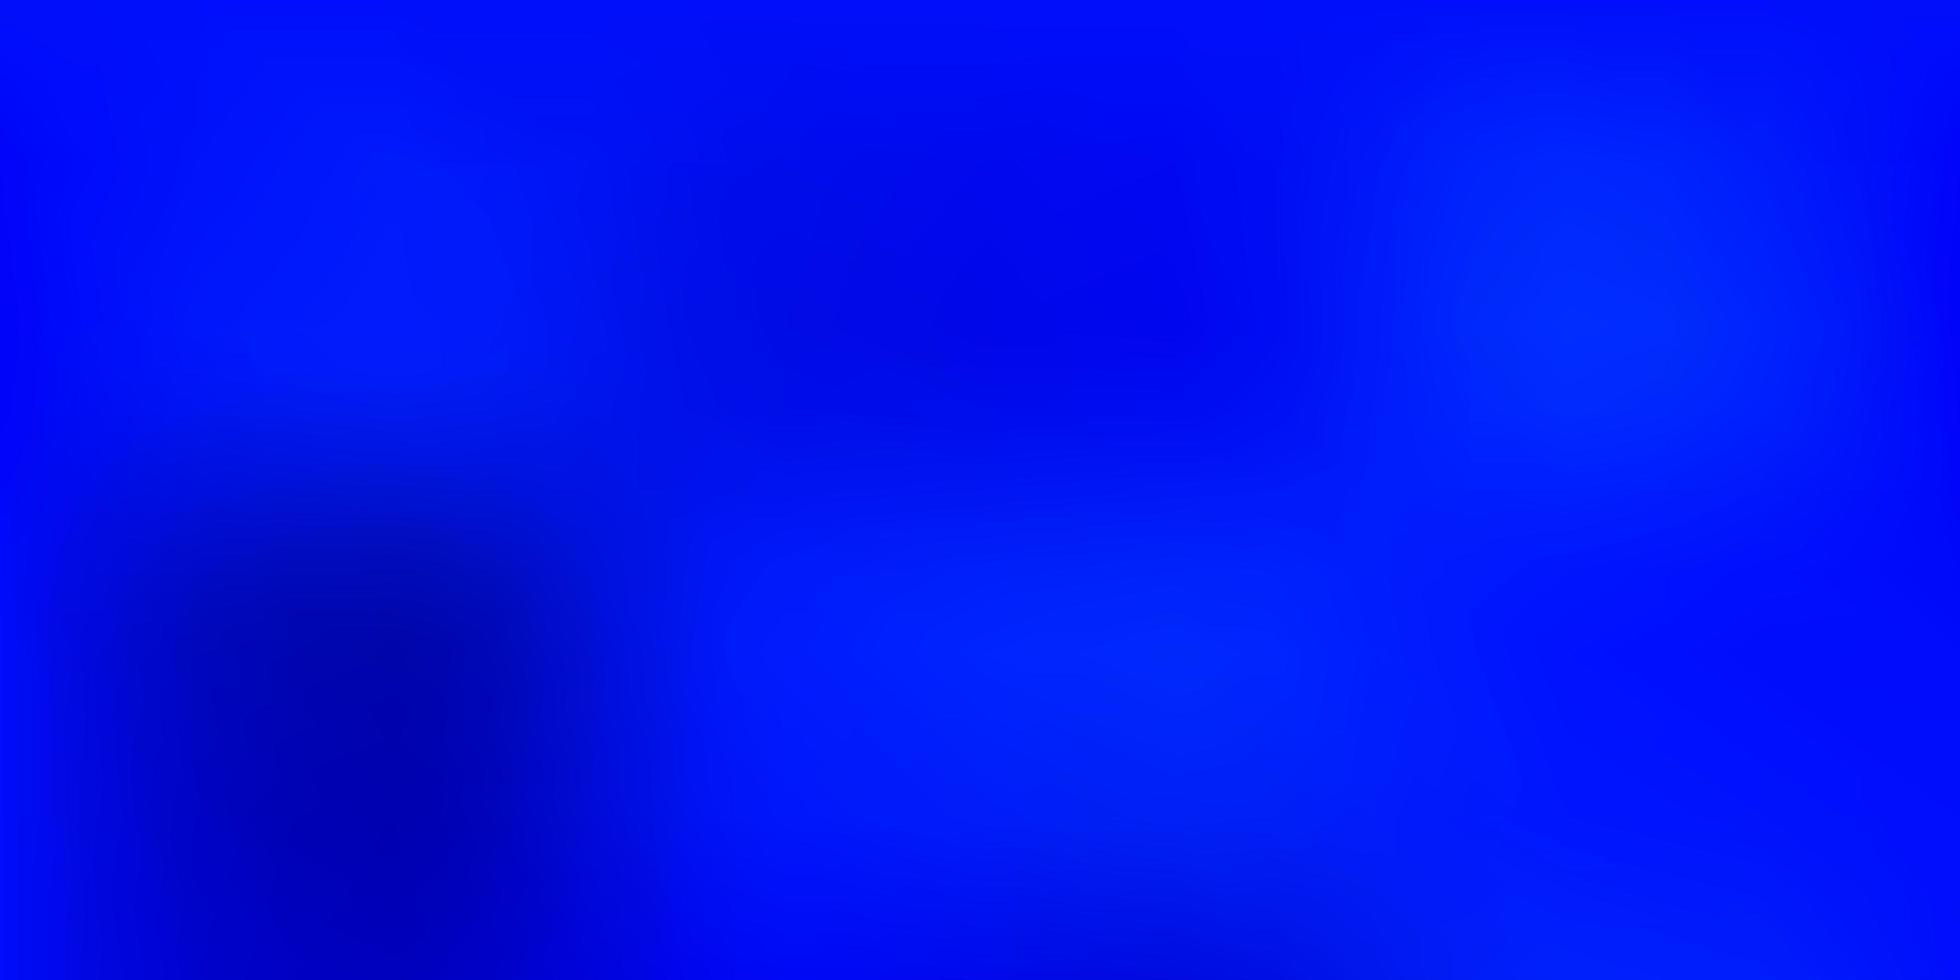 padrão de desfoque de vetor azul escuro.